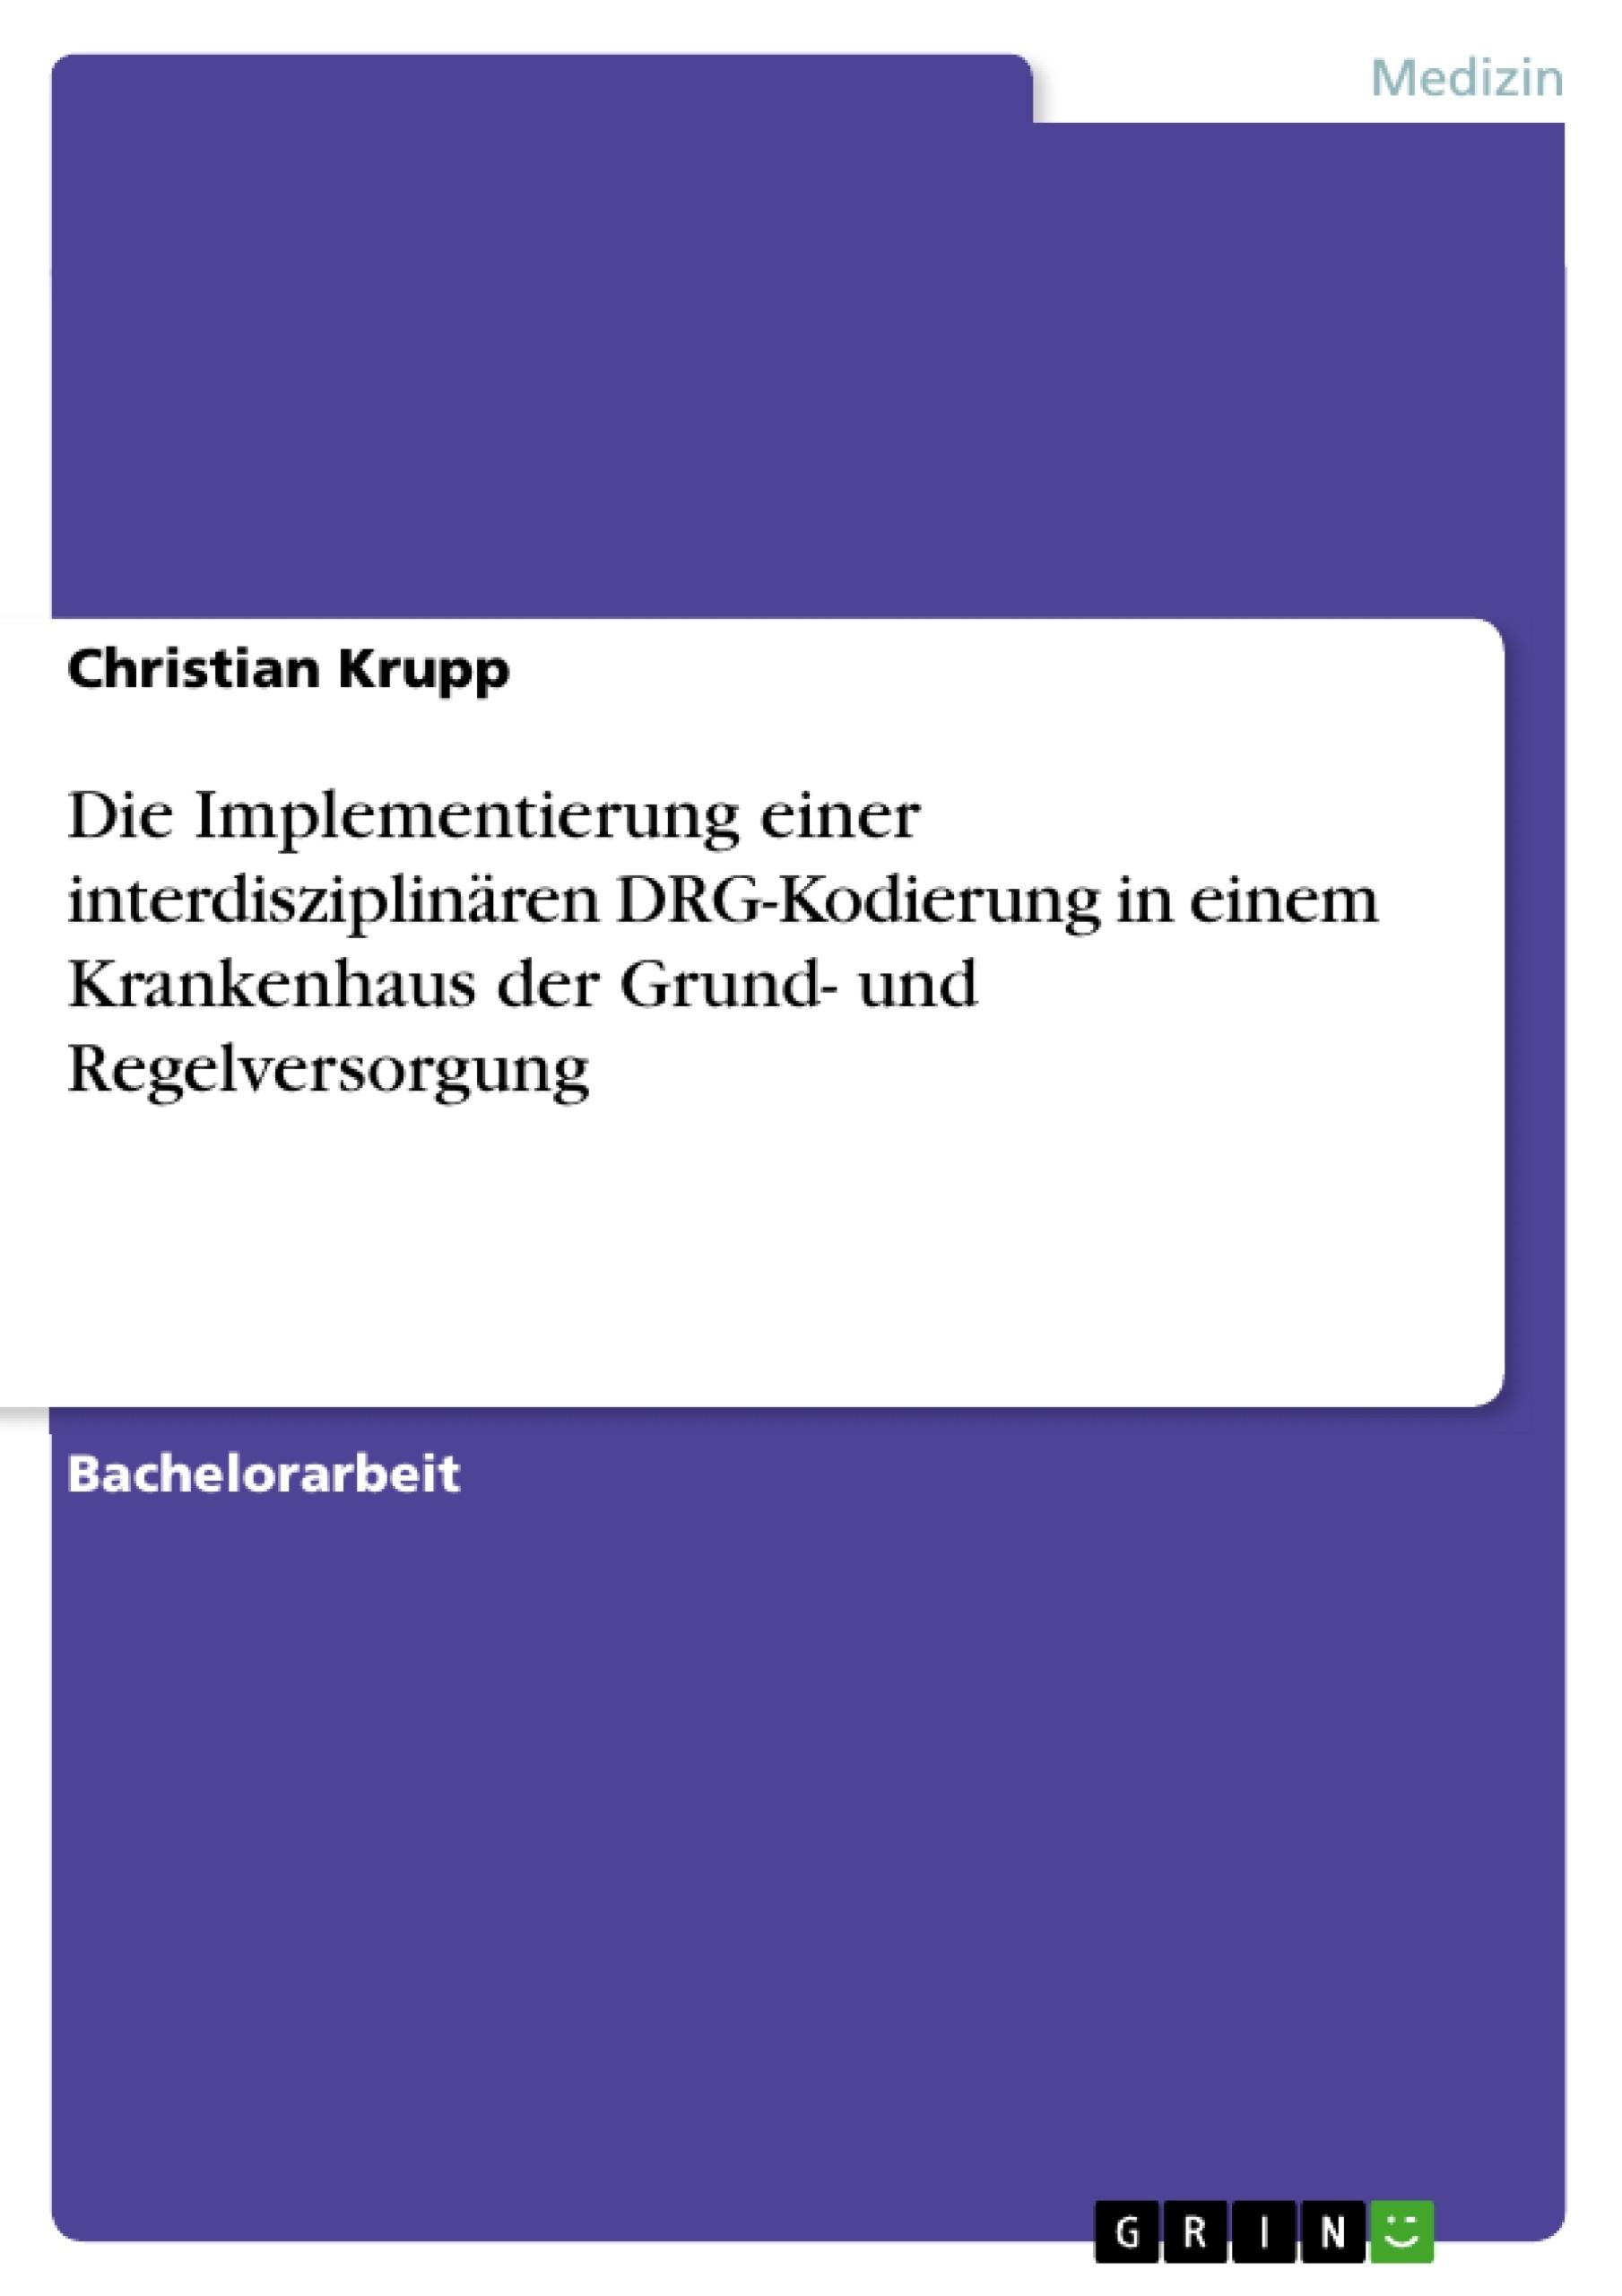 Die Implementierung einer interdisziplinären DRG-Kodierung in ...